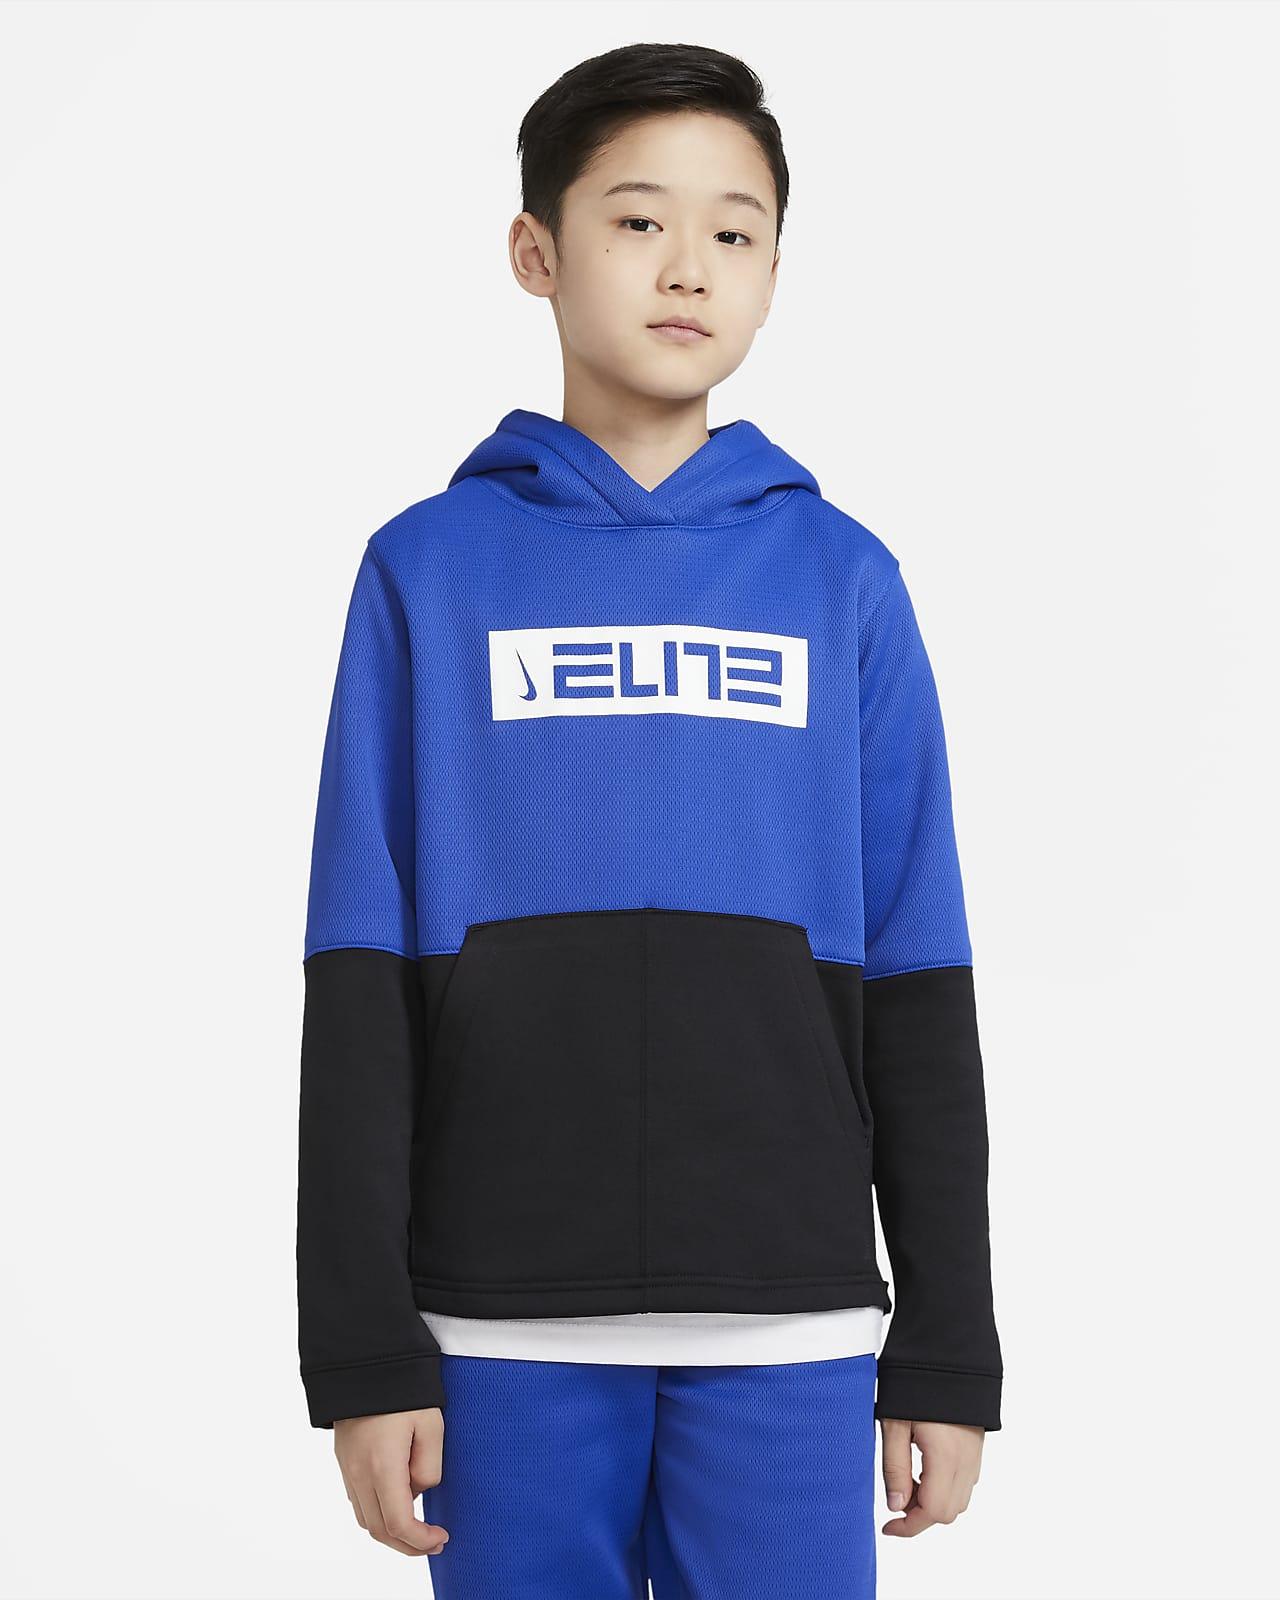 Nike Therma Elite Big Kids' (Boys') Pullover Basketball Hoodie